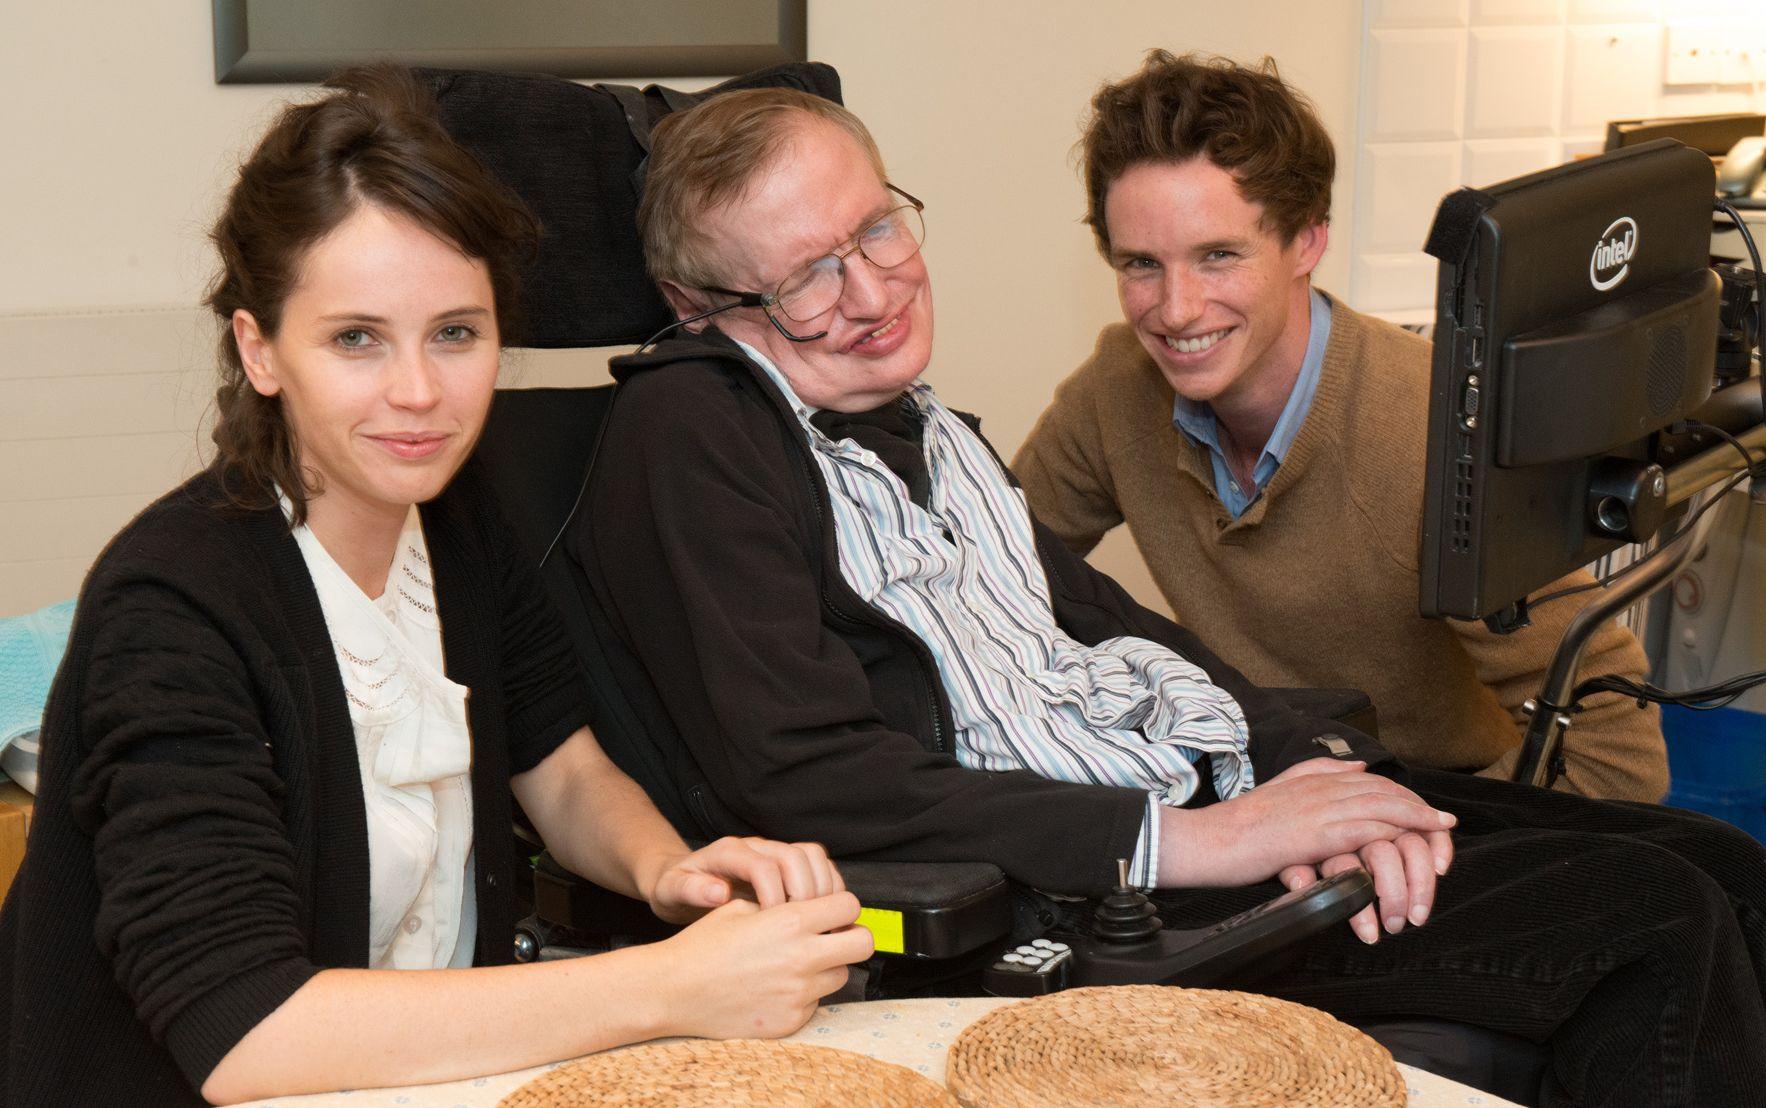 Eddie Redmayne and Felicity Jones meet Stephen Hawking